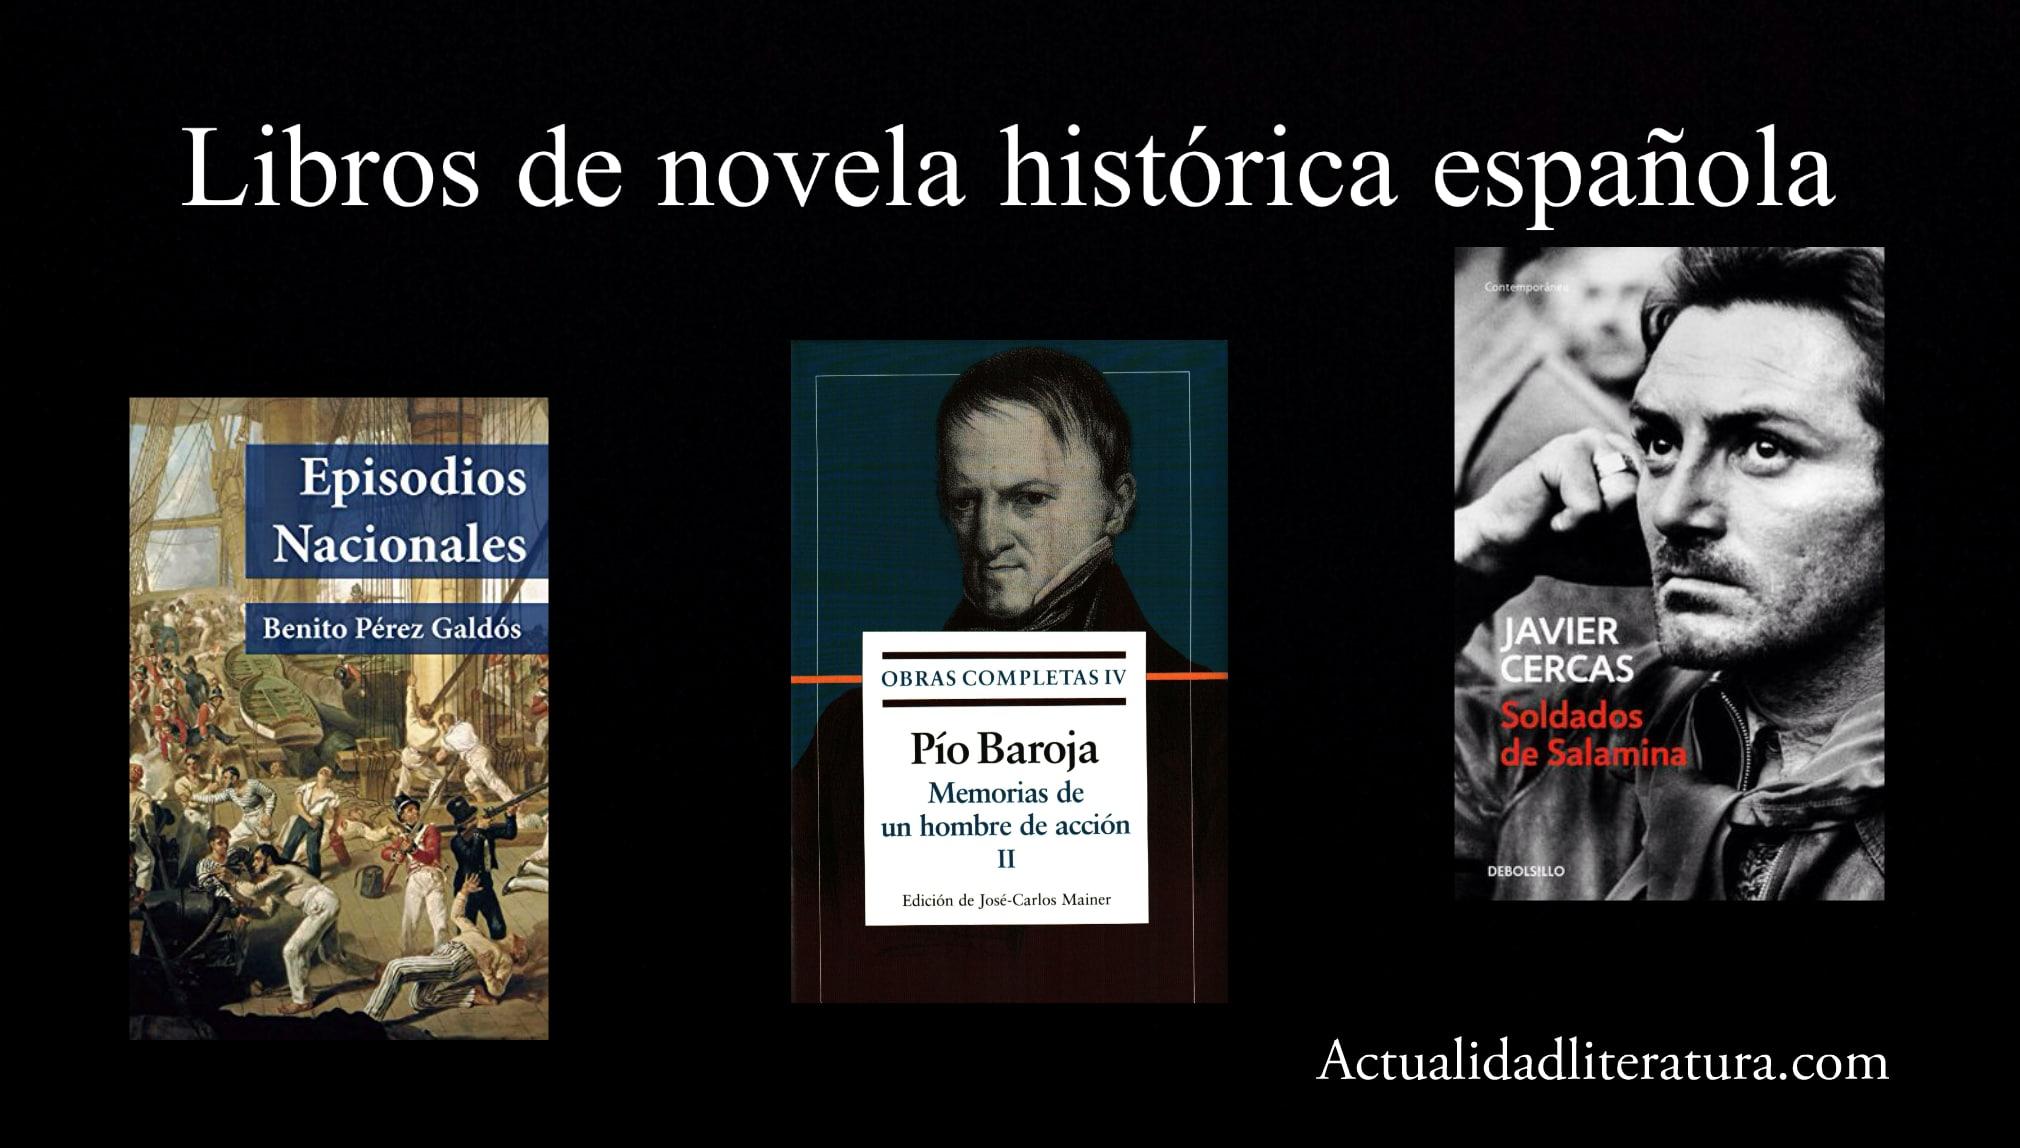 Libros de novela histórica española